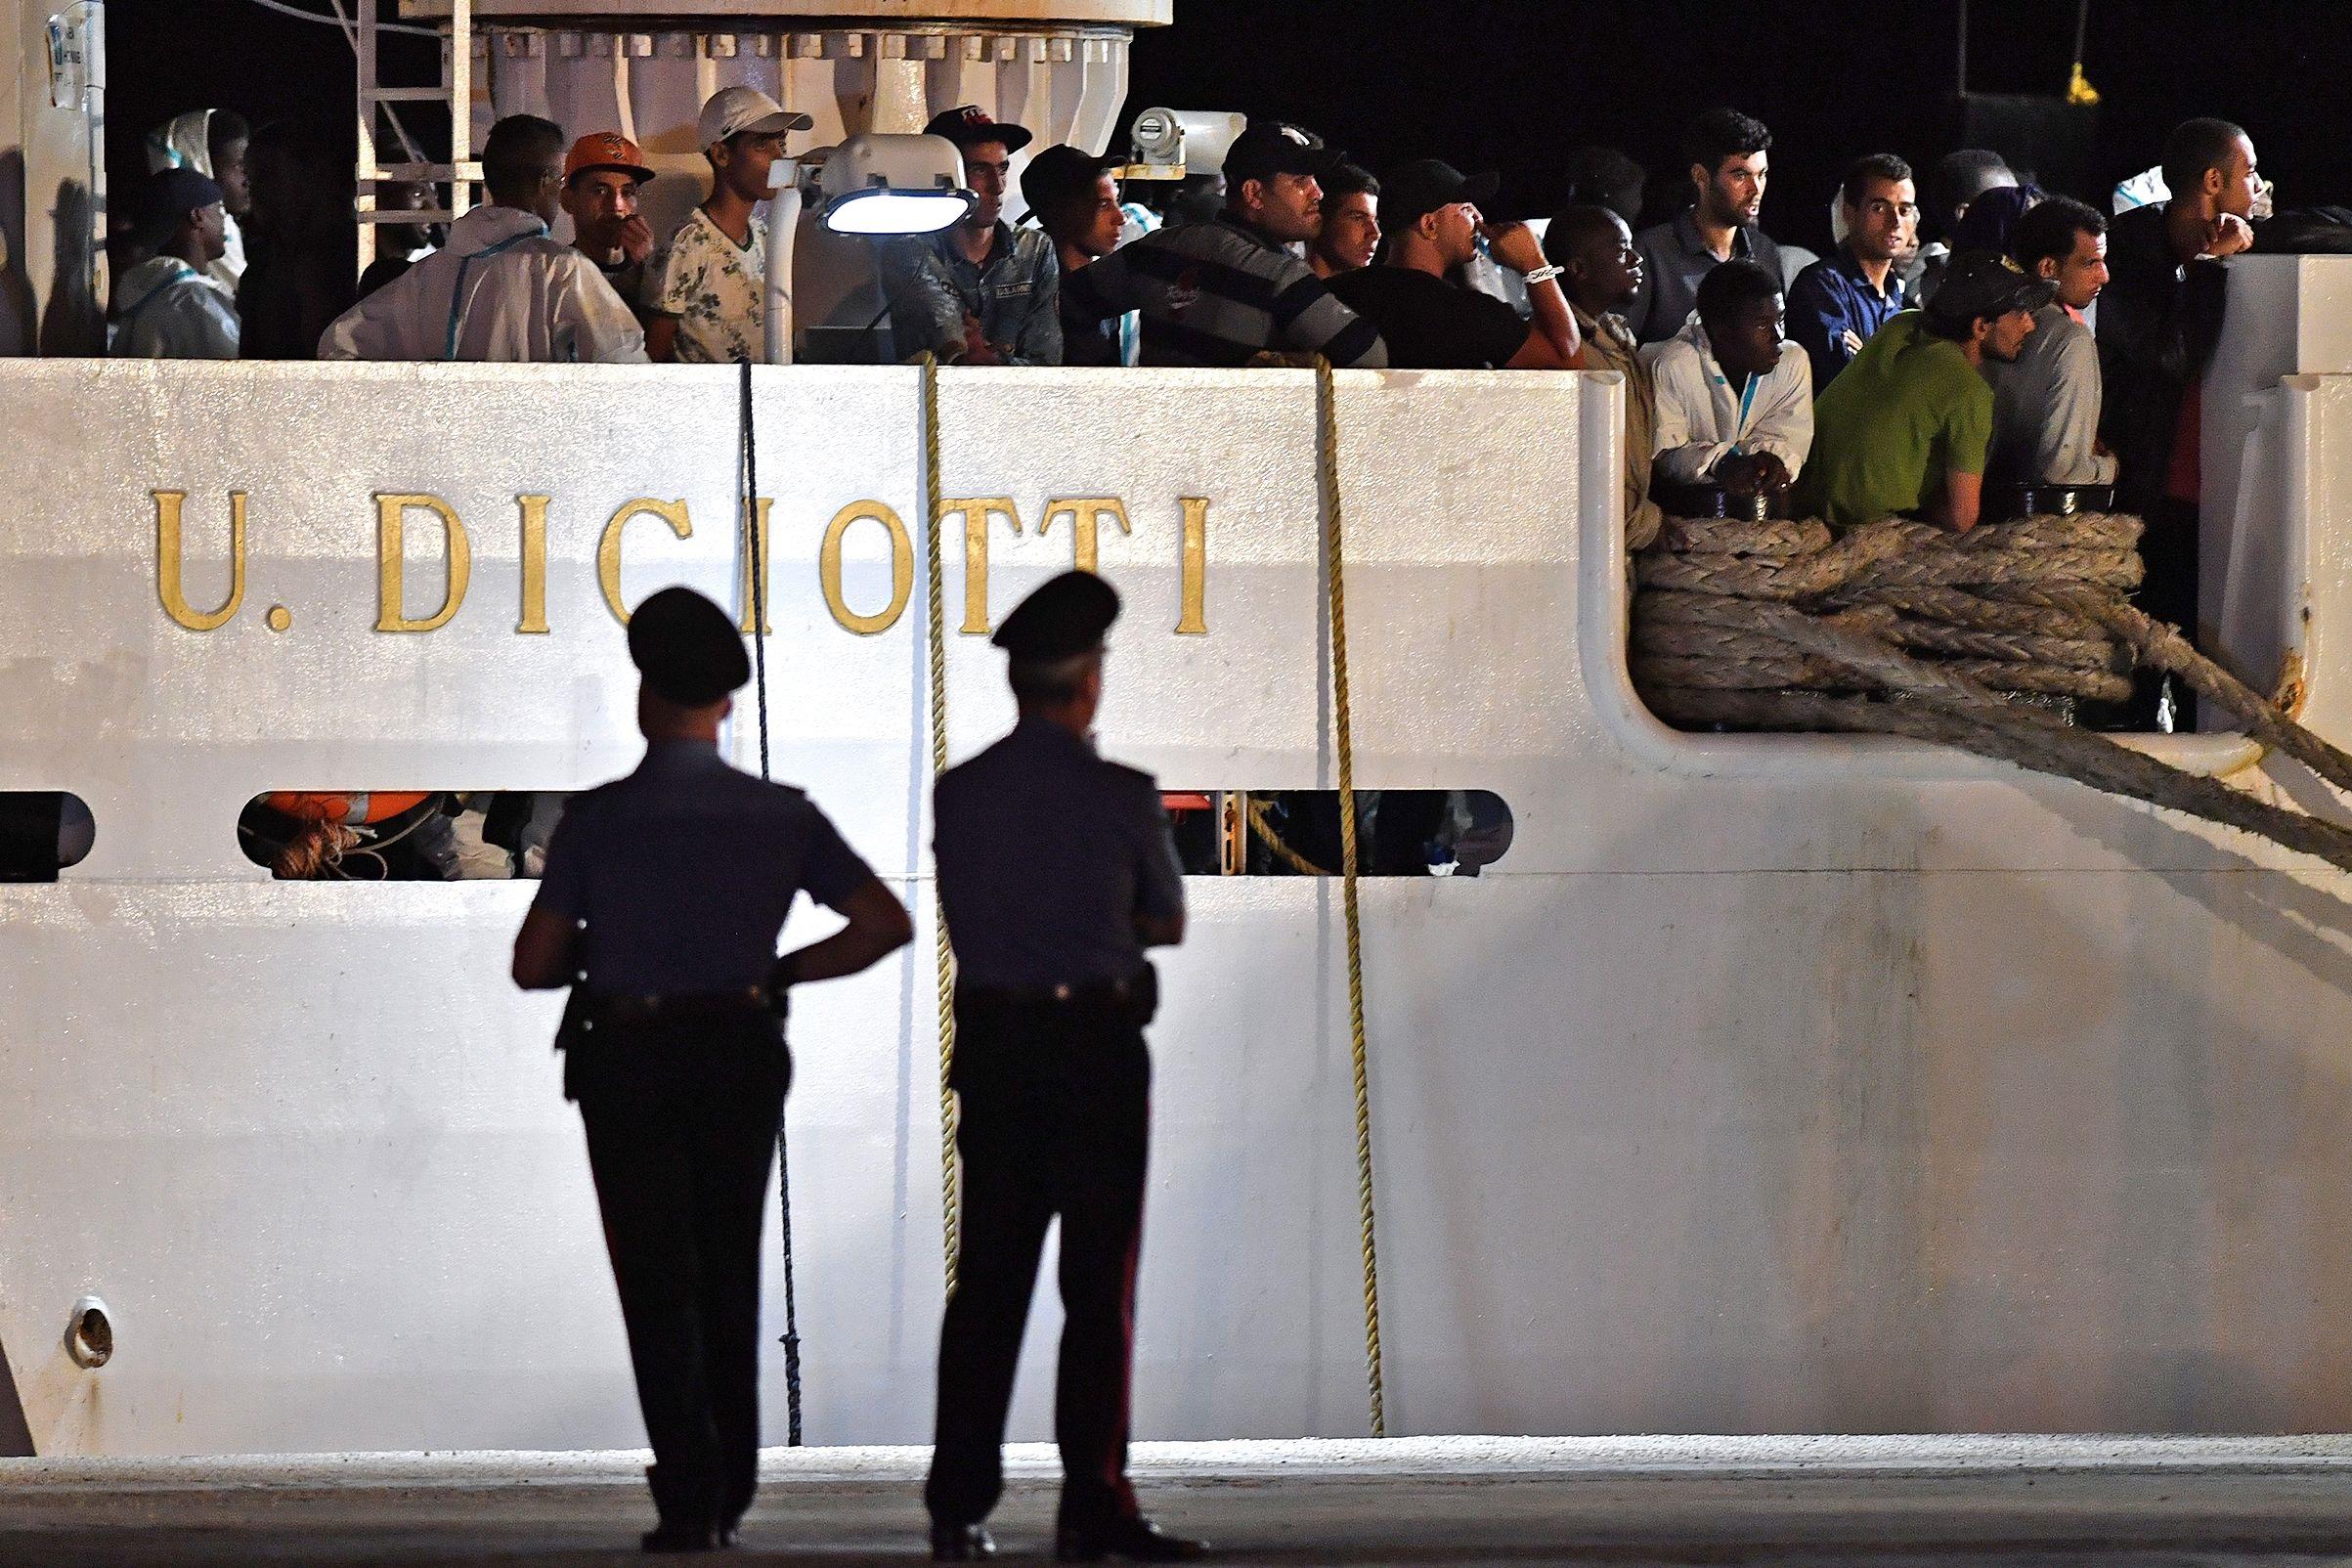 diciotti arrivata a catania, ma i migranti non sbarcano | il viminale attende risposte dall`ue